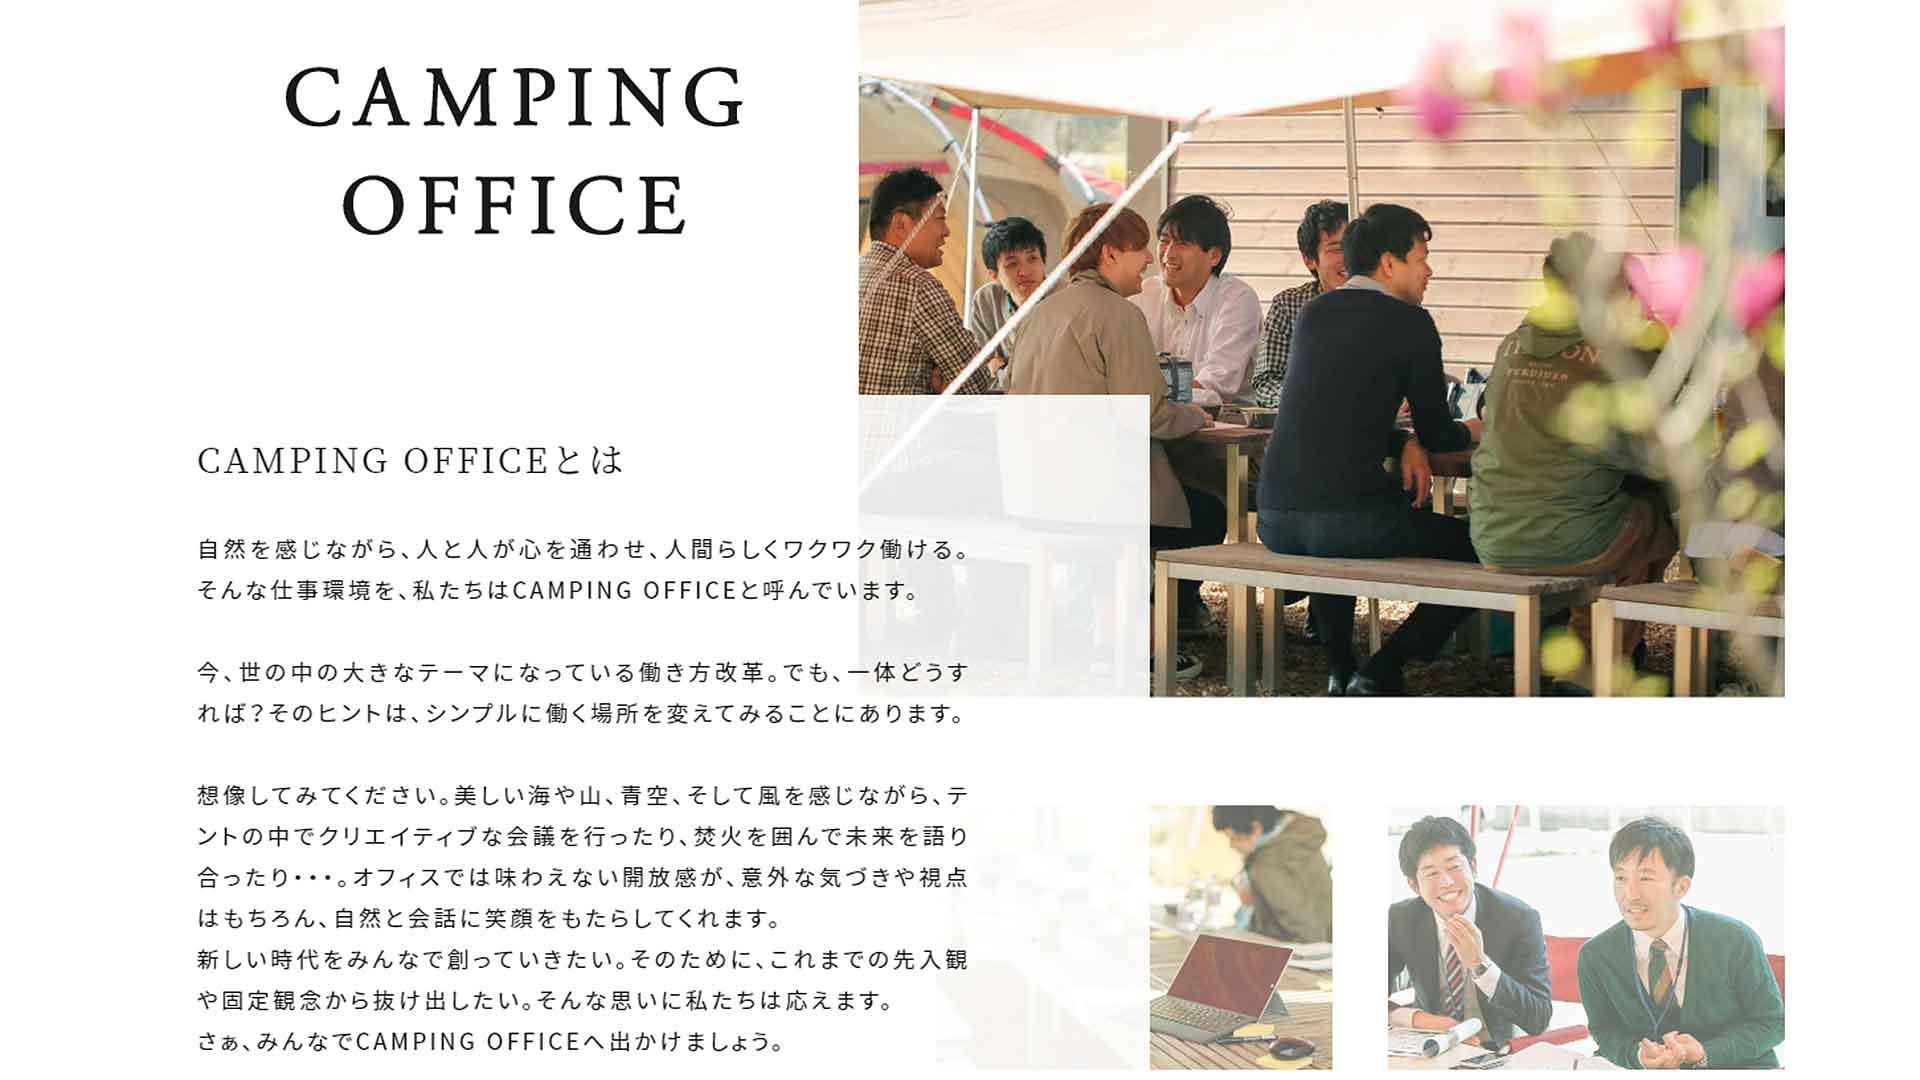 キャンピングオフィスのメリットの画像